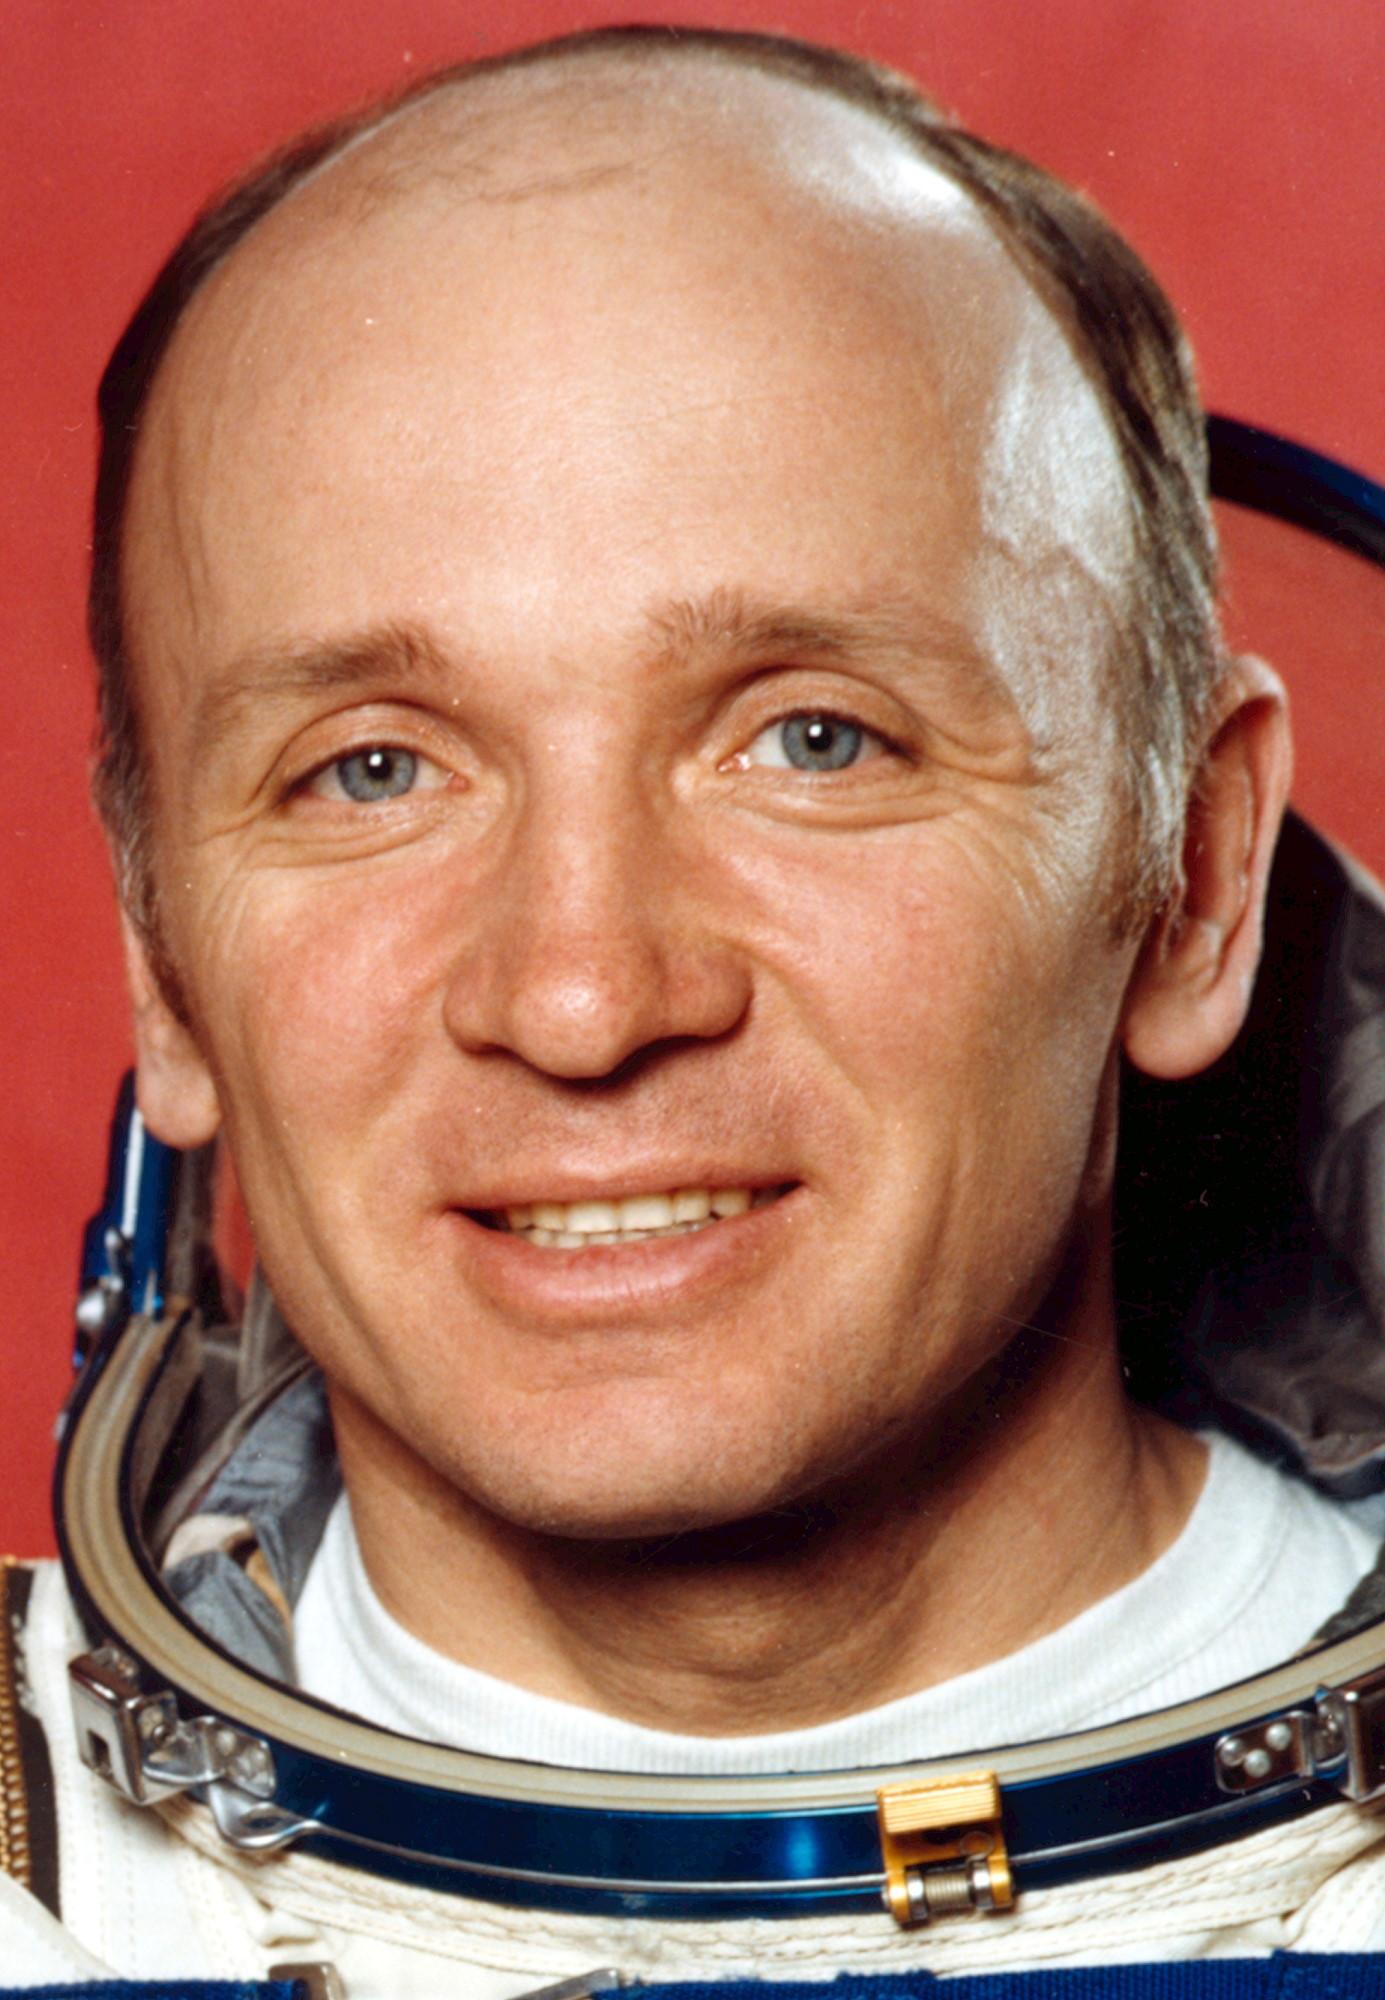 http://www.spacefacts.de/bios/portraits_hi/cosmonauts/lebedev_valentin.jpg